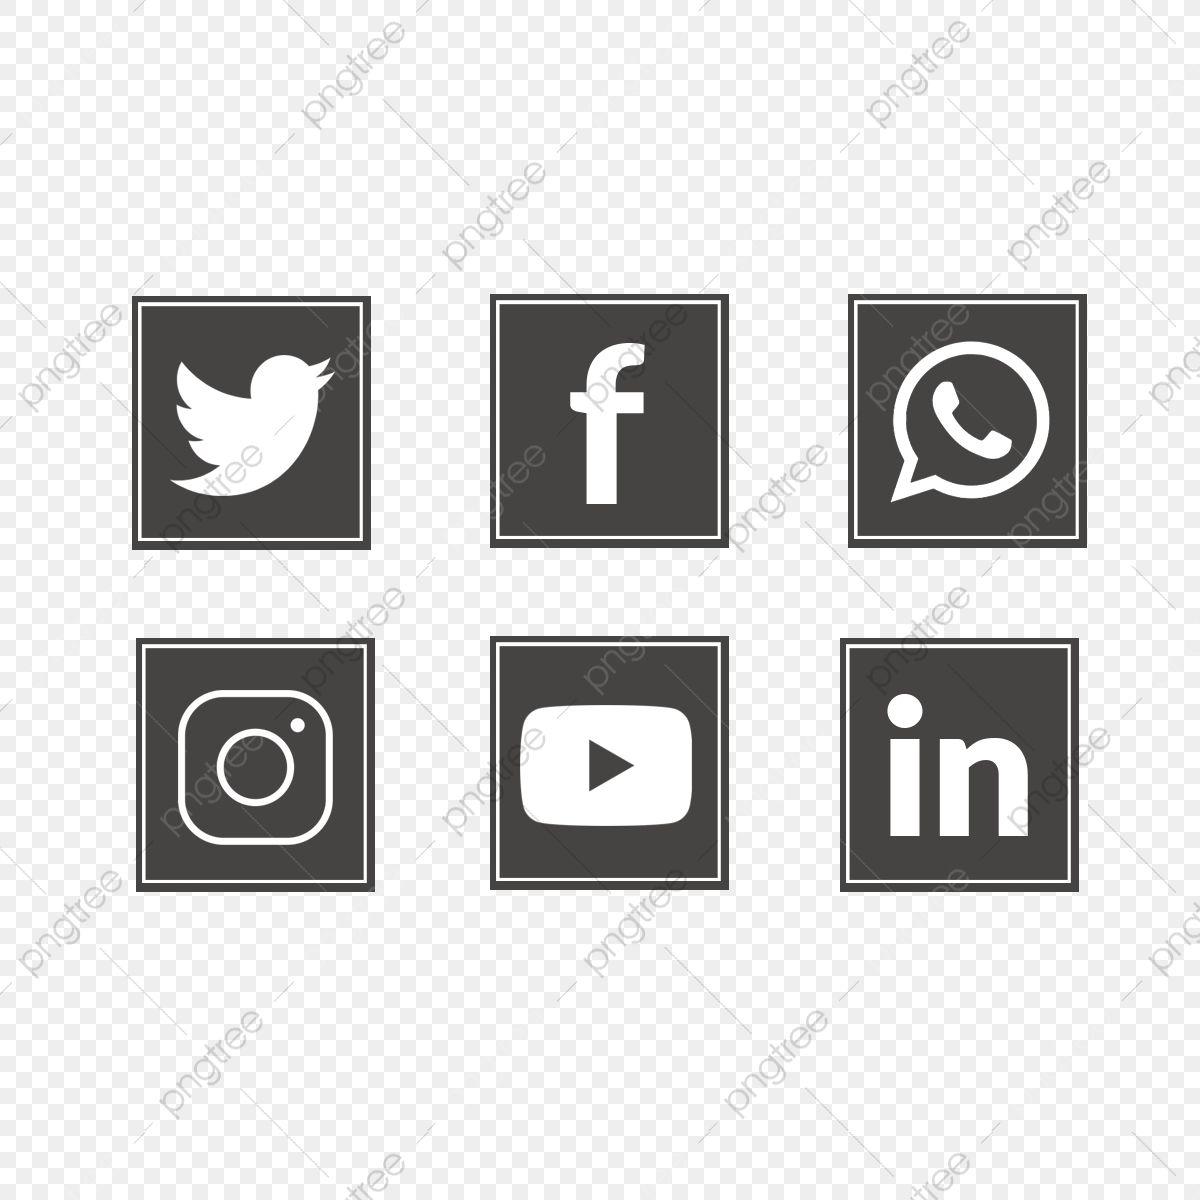 Icone Da Midia Social Define Facebook Cinza Whatsapp Youtube Facebook Icons Icones Whatsapp Icones Do Youtube Imagem Png E Psd Para Download Gratuito In 2021 Social Media Icons Icon Set Media Icon